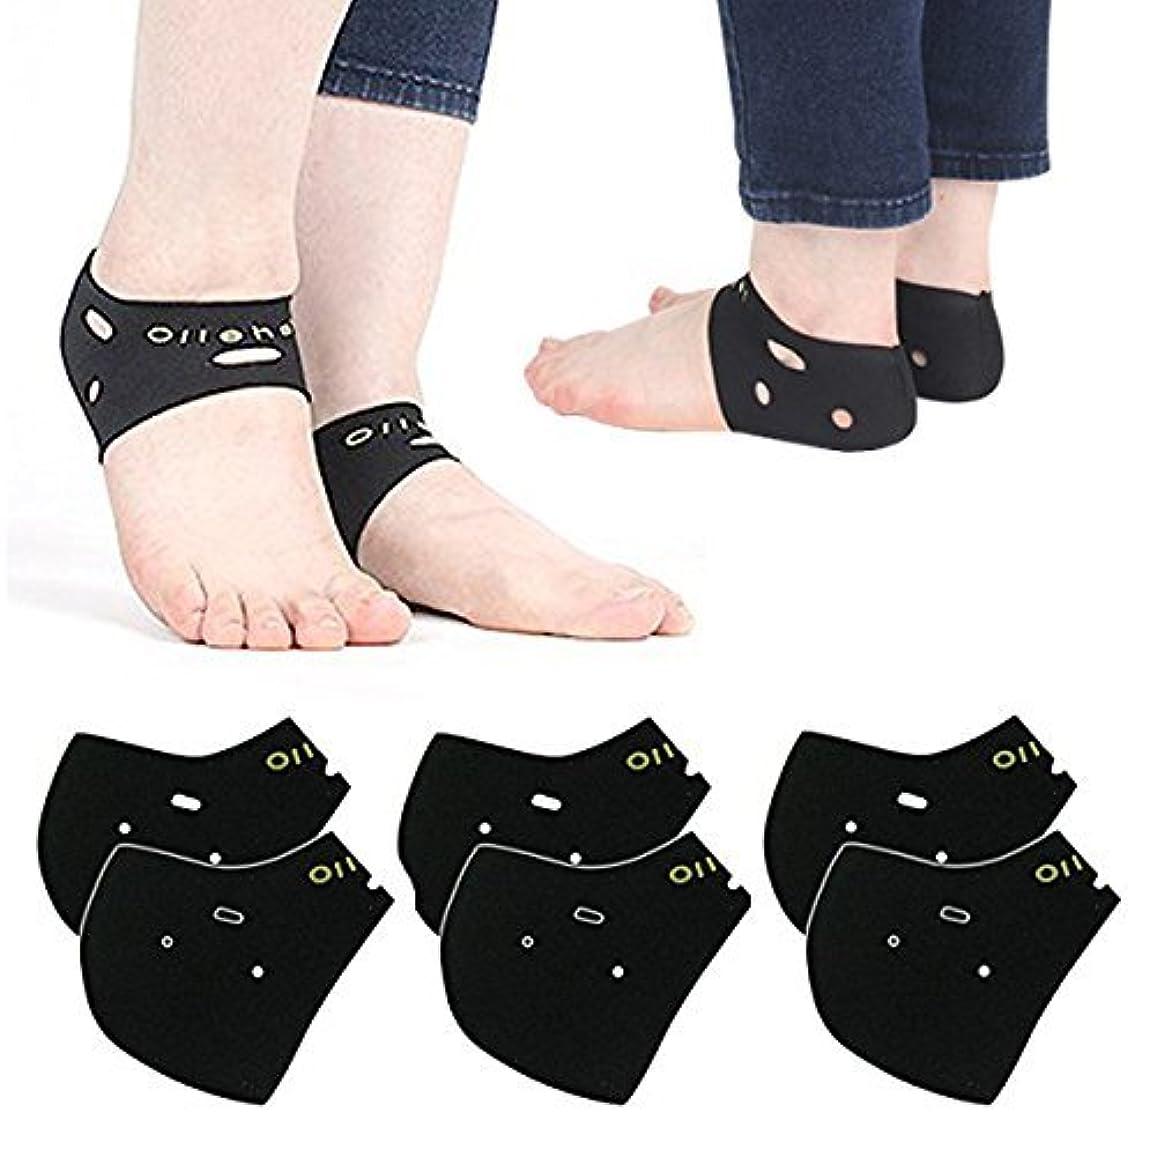 不承認弱い回転かかとケア 靴下 3足 1セット ソックス かかとサポーター 角質ケア 保温 保湿 防寒靴下 発熱ソックス 冷え取り 両足 フリーサイズ かかと ケア